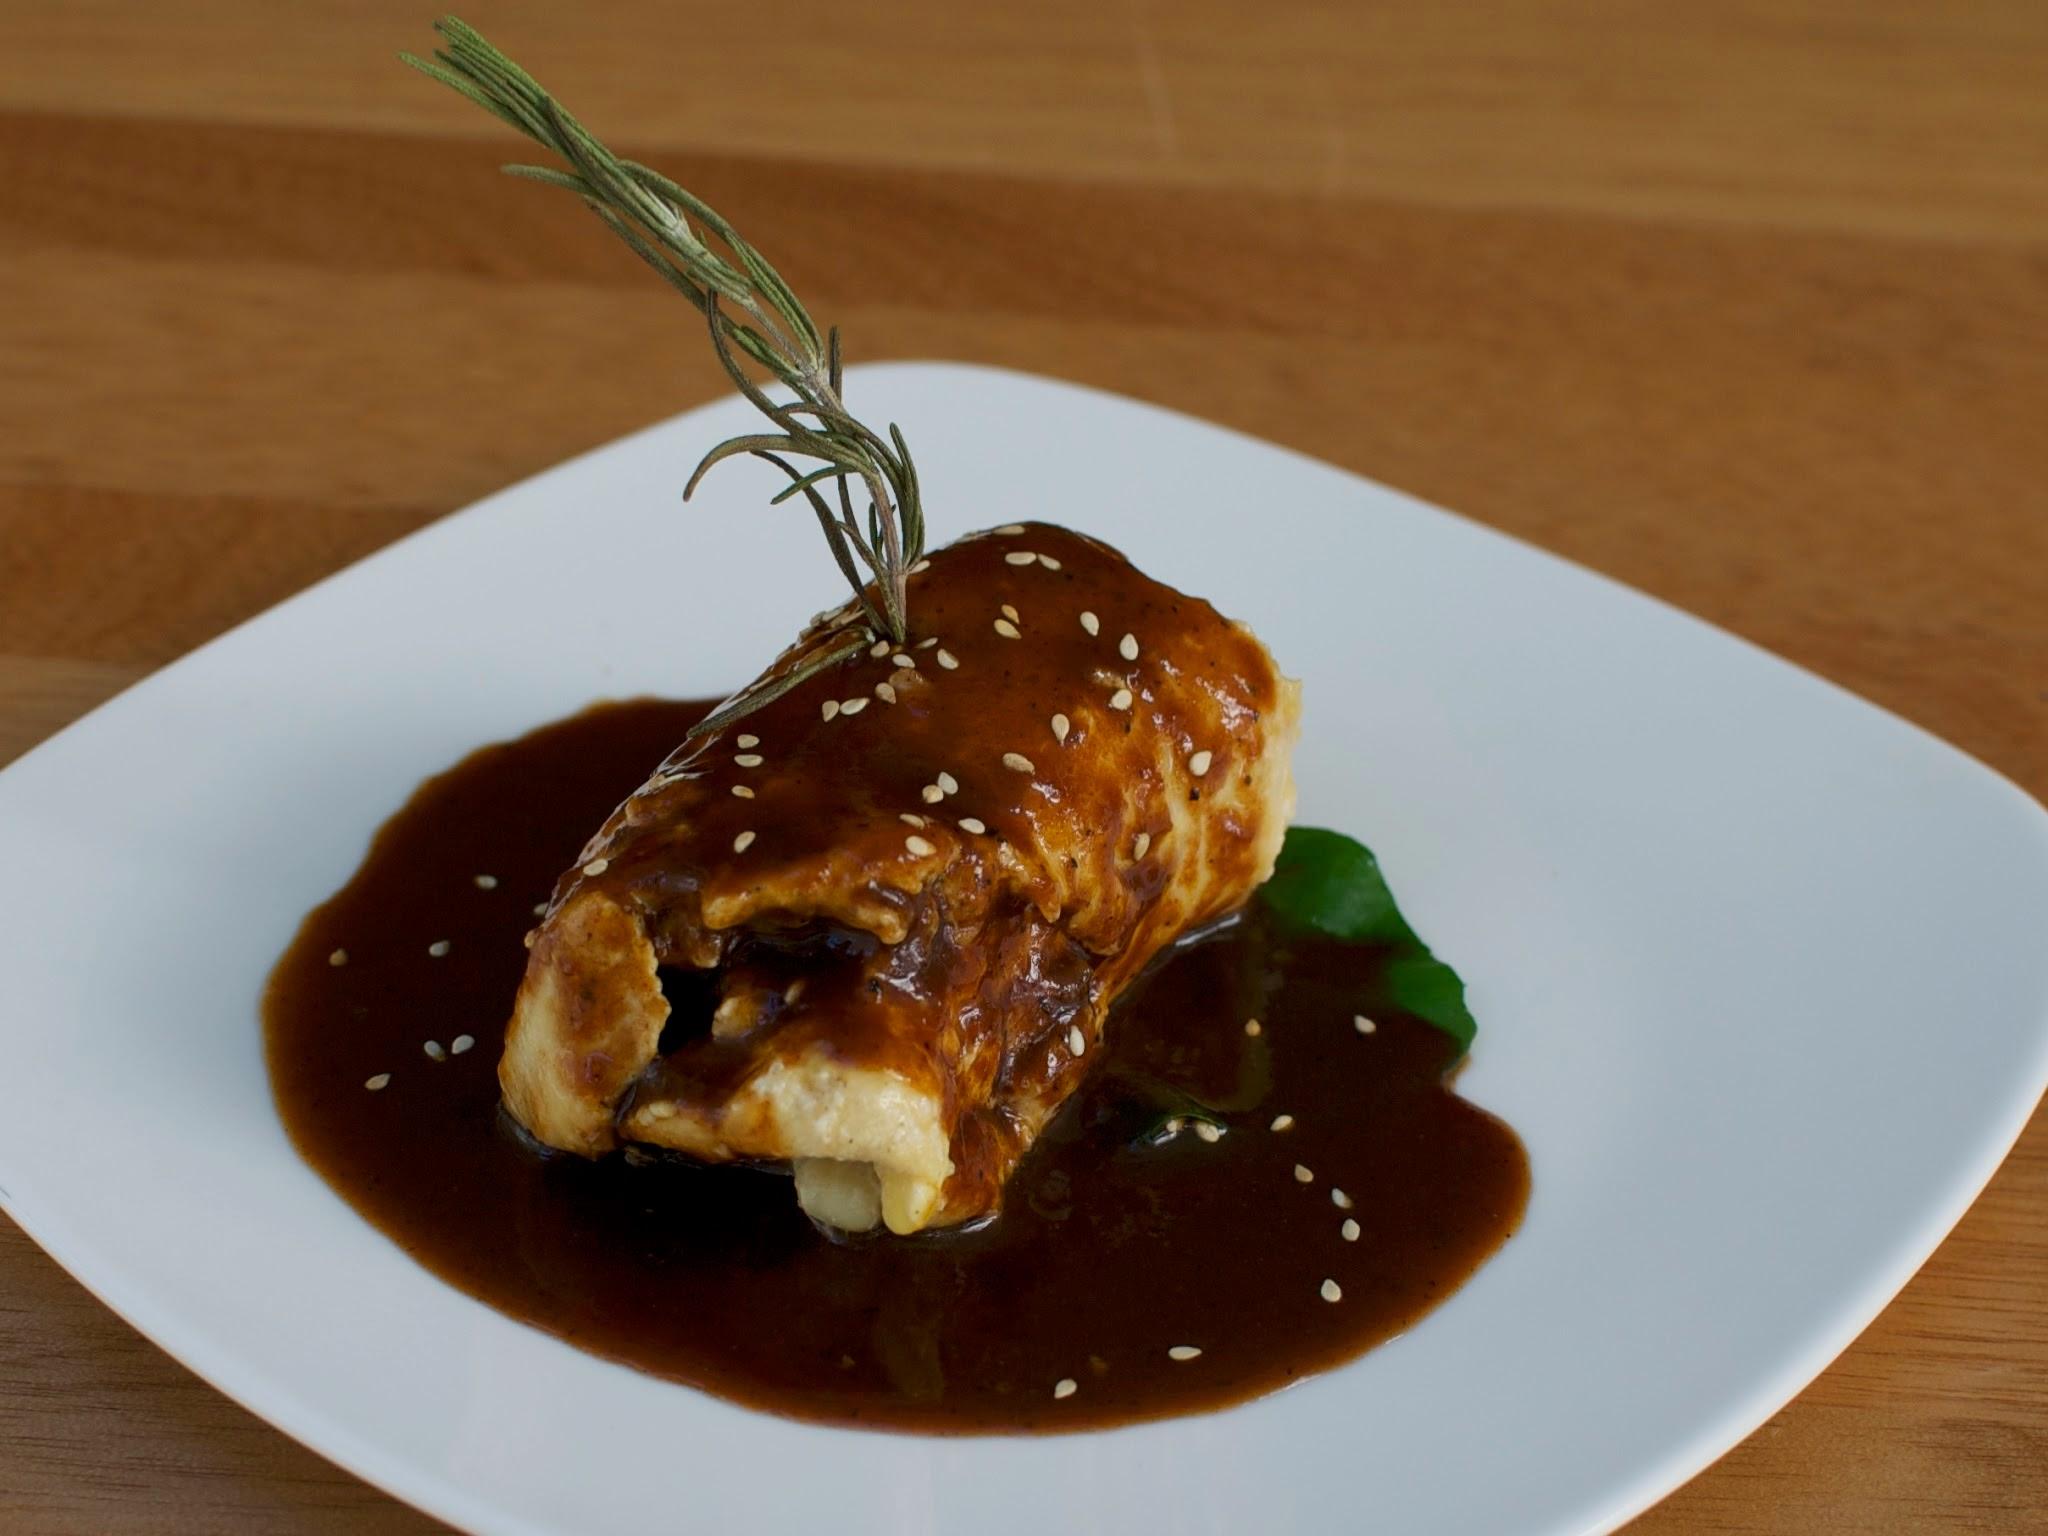 pollo relleno de rajas con elote y bañado en salsa de tamarindo con chile pasilla sobre un nopal  POR PERSONA: $ 90.00